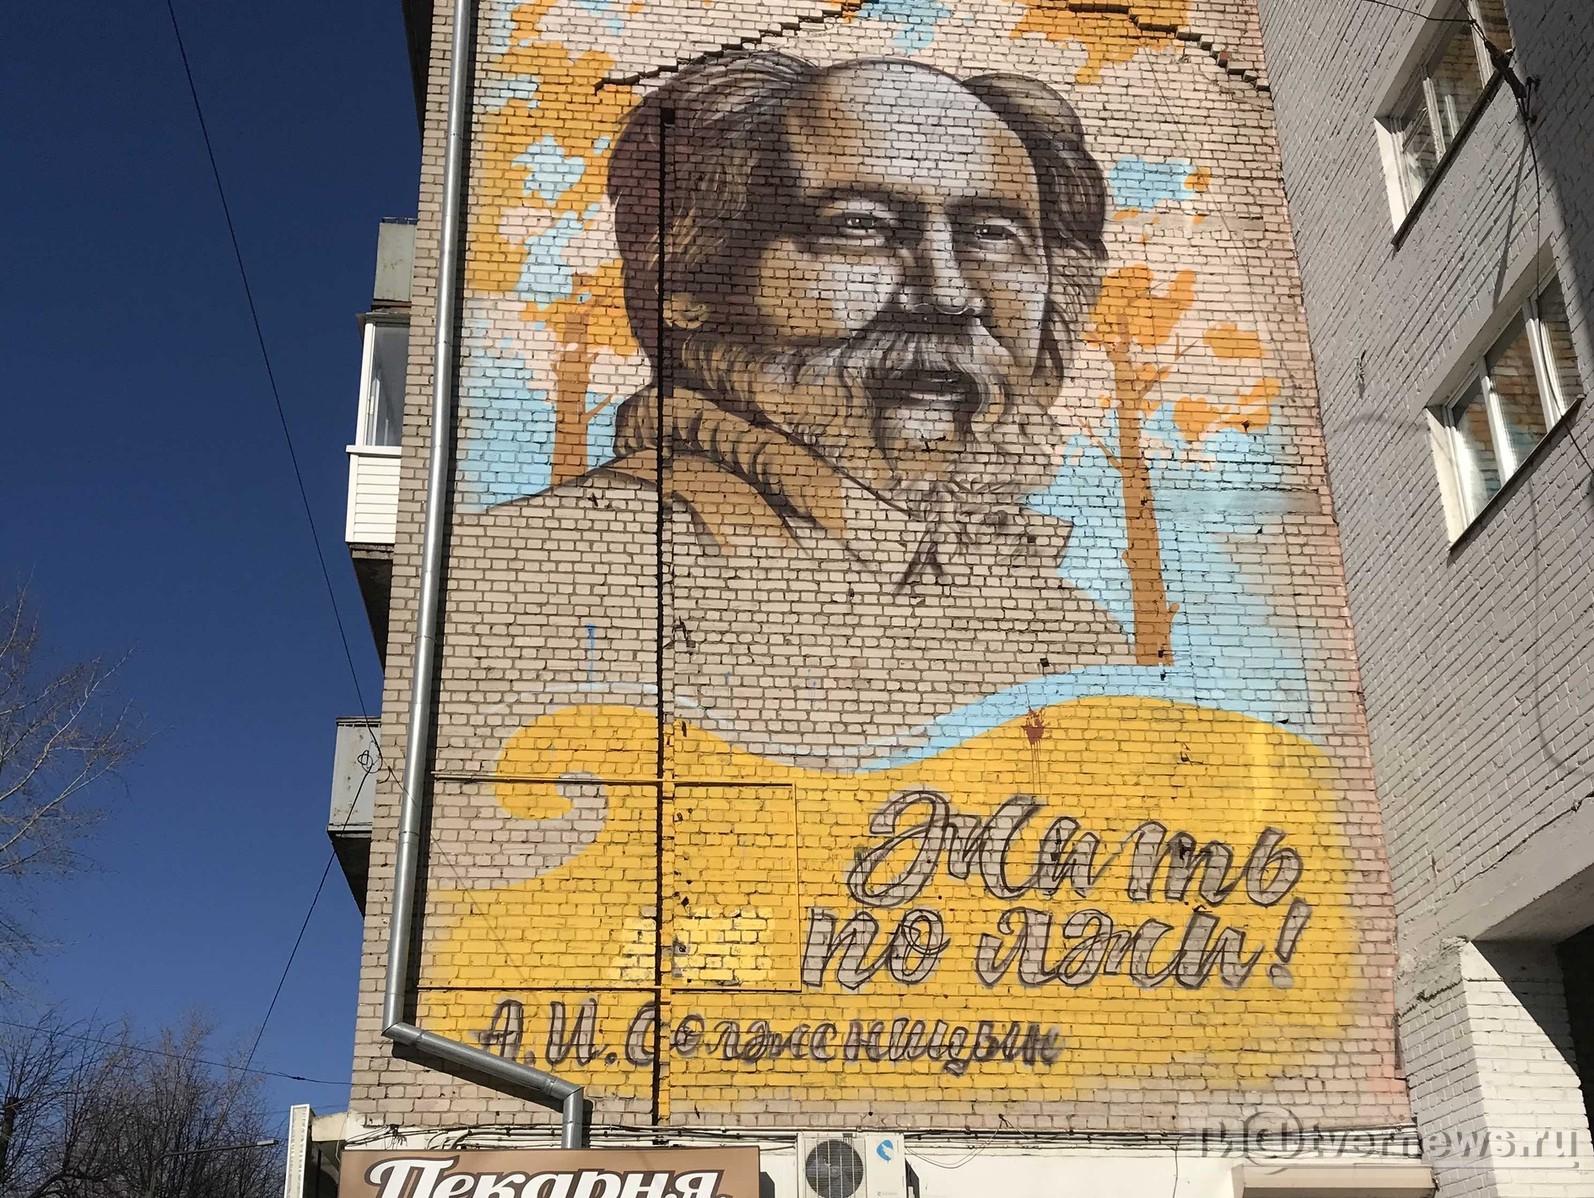 20200324_15-08-Жить по лжи- в Твери замарали известный граффити-портрет писателя Солженицына-pic1